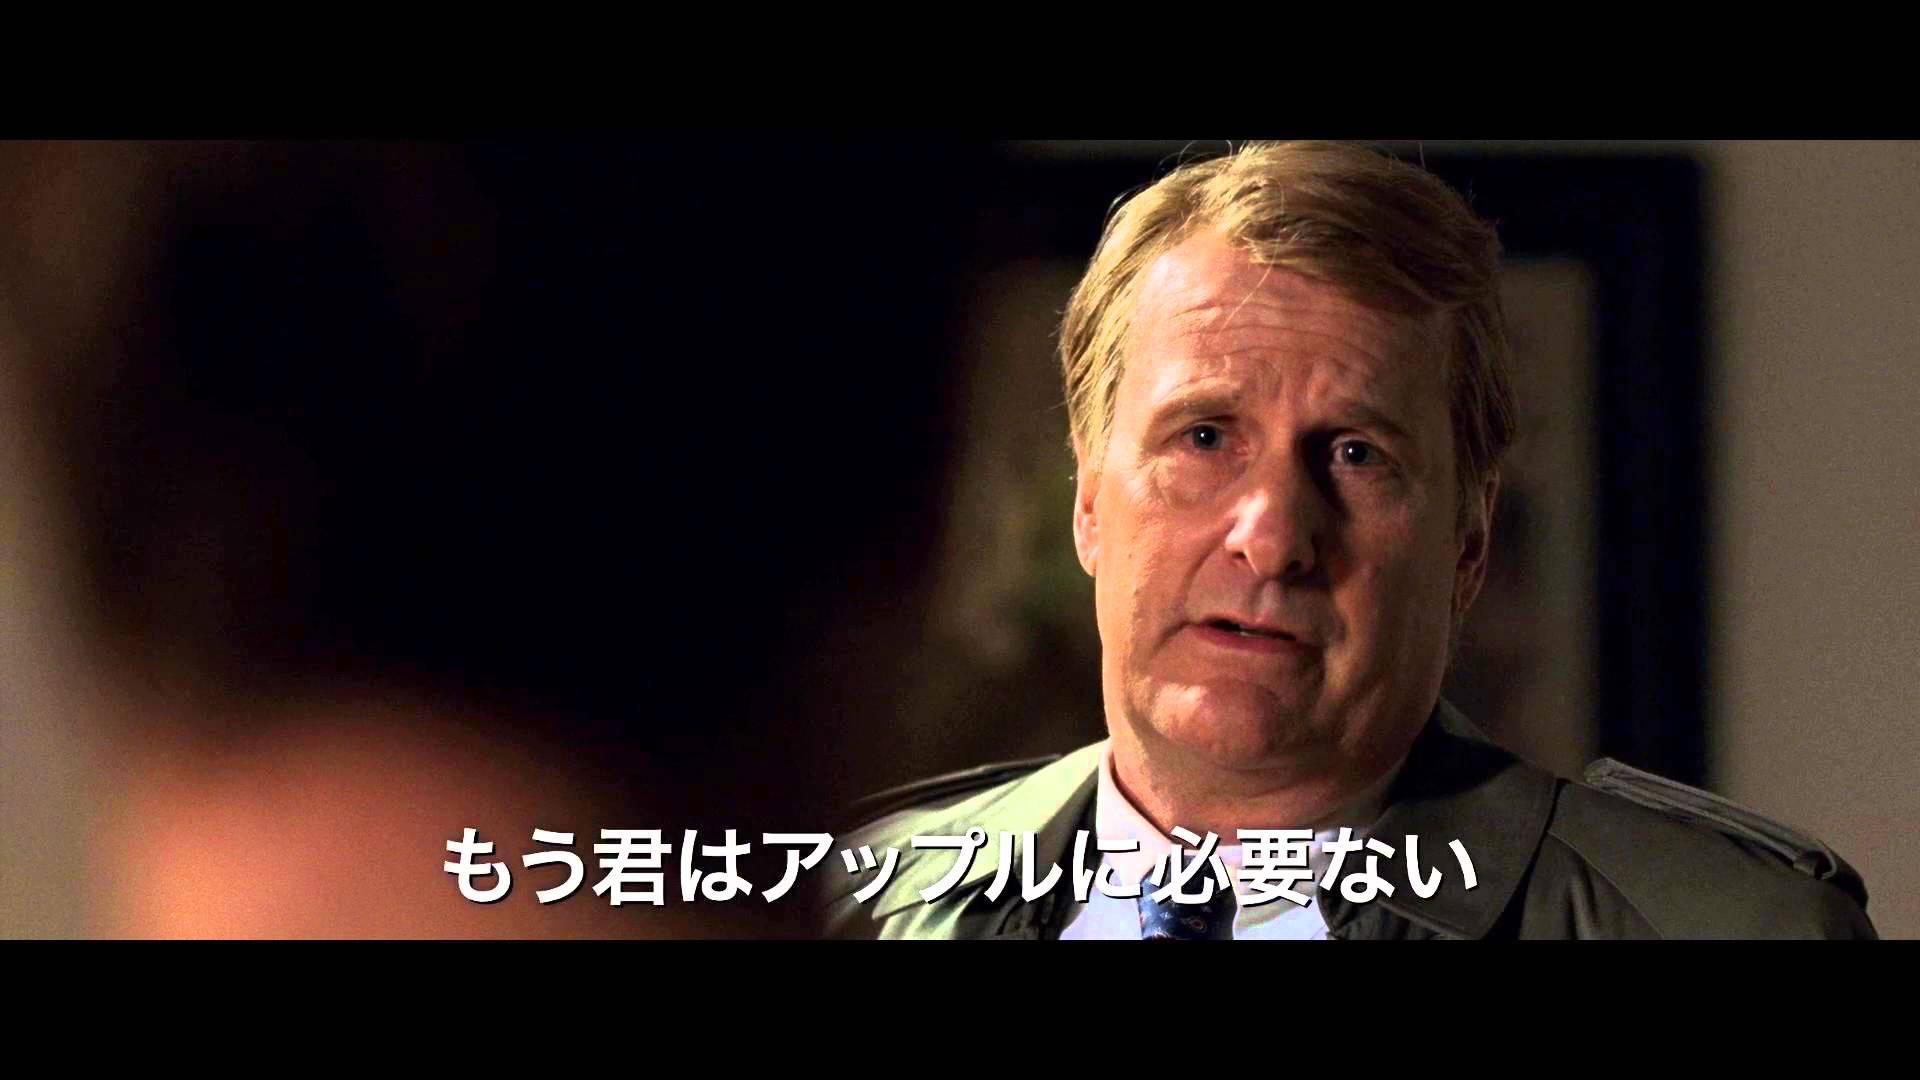 マイケル・フォスベンダー ジョブズ【映画】『ステイーブ・ジョブズ』2016/02/12/FRI 1